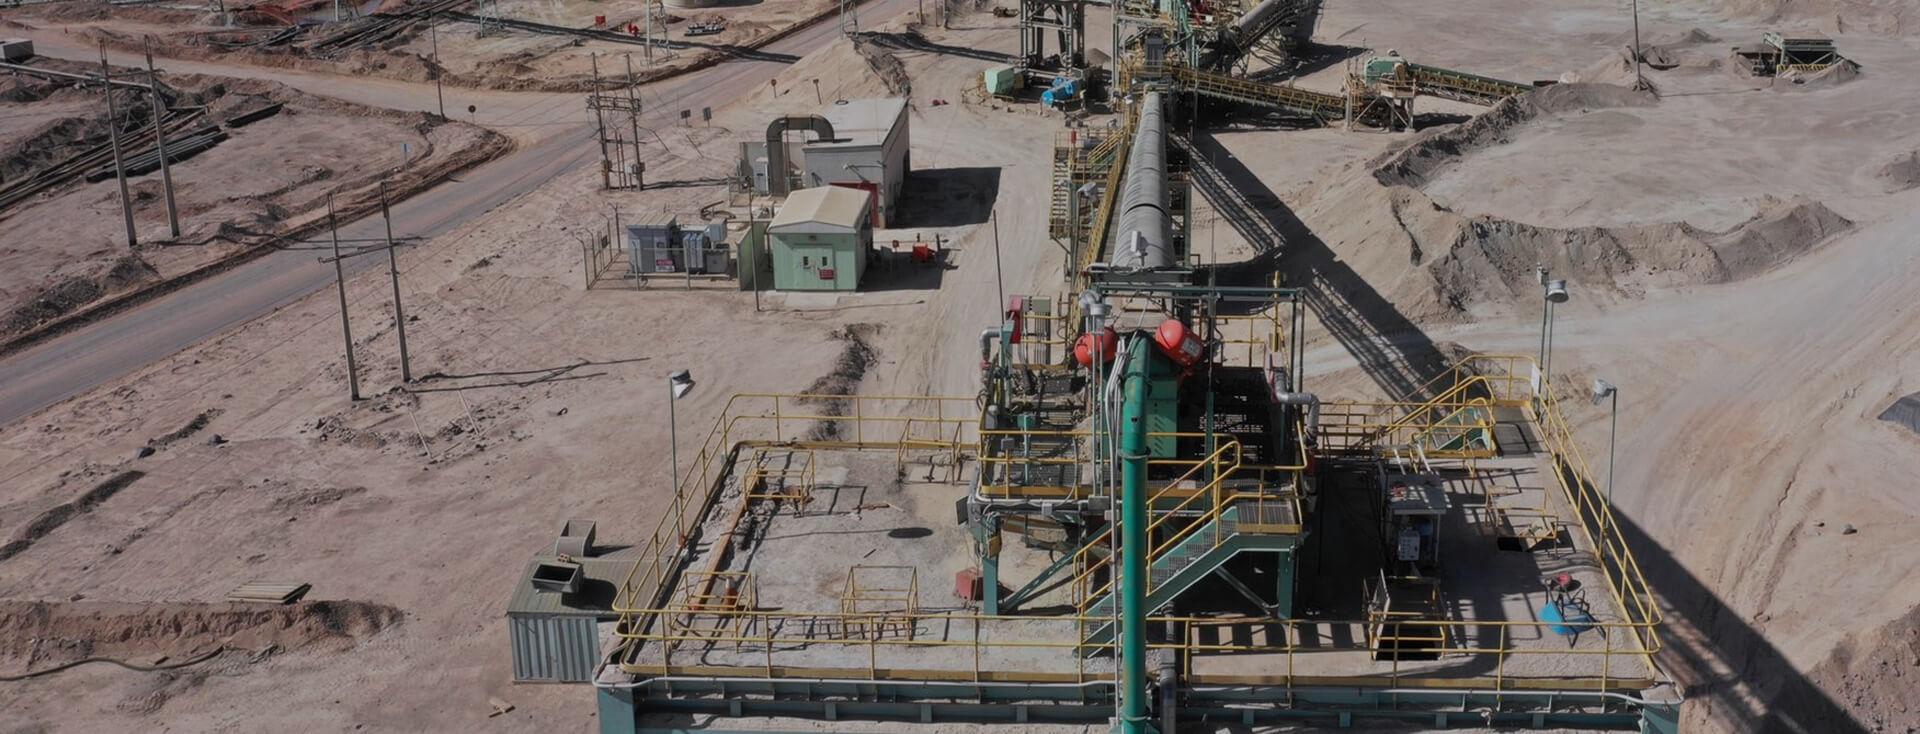 Inspecciones automatizadas para mineria